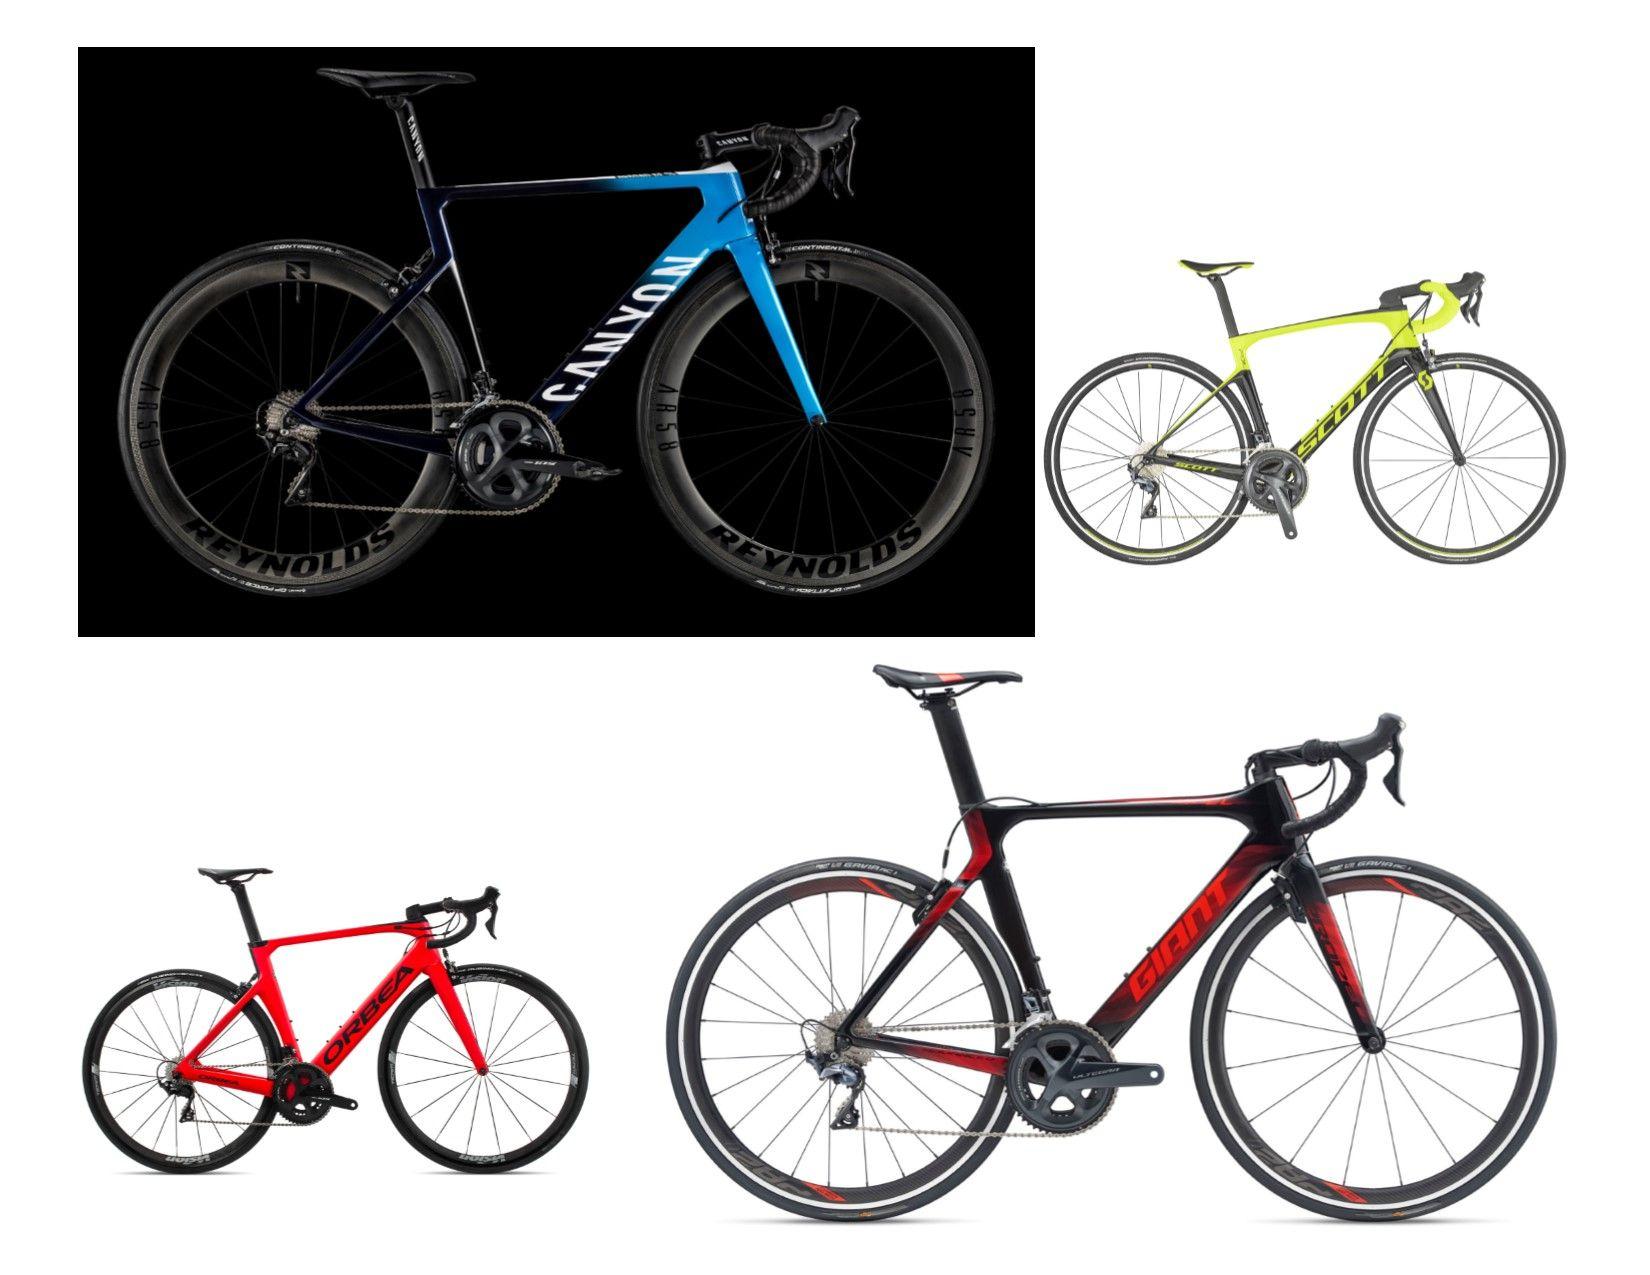 Mejores Bicicletas De Carretera Por Debajo De 3000 Euros Bicicleta De Carretera Bicicletas Fibra De Carbono